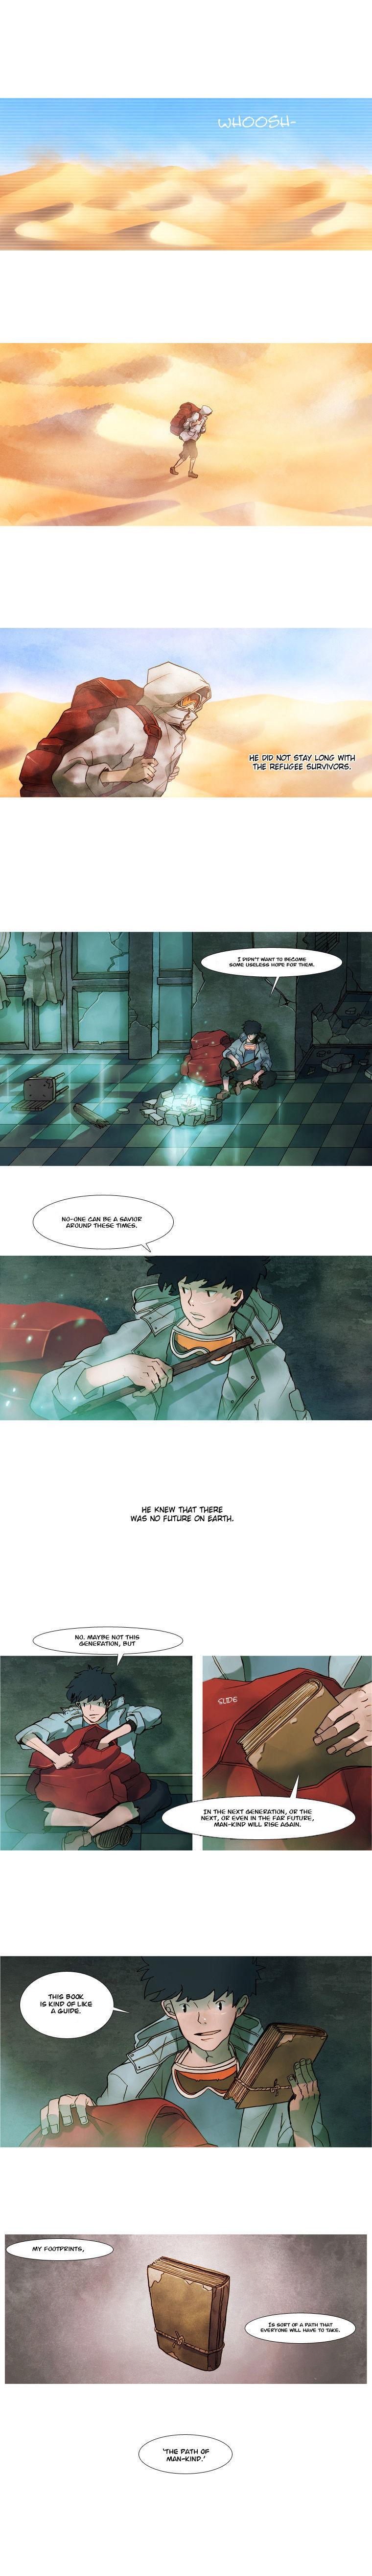 Noru 2 Page 1